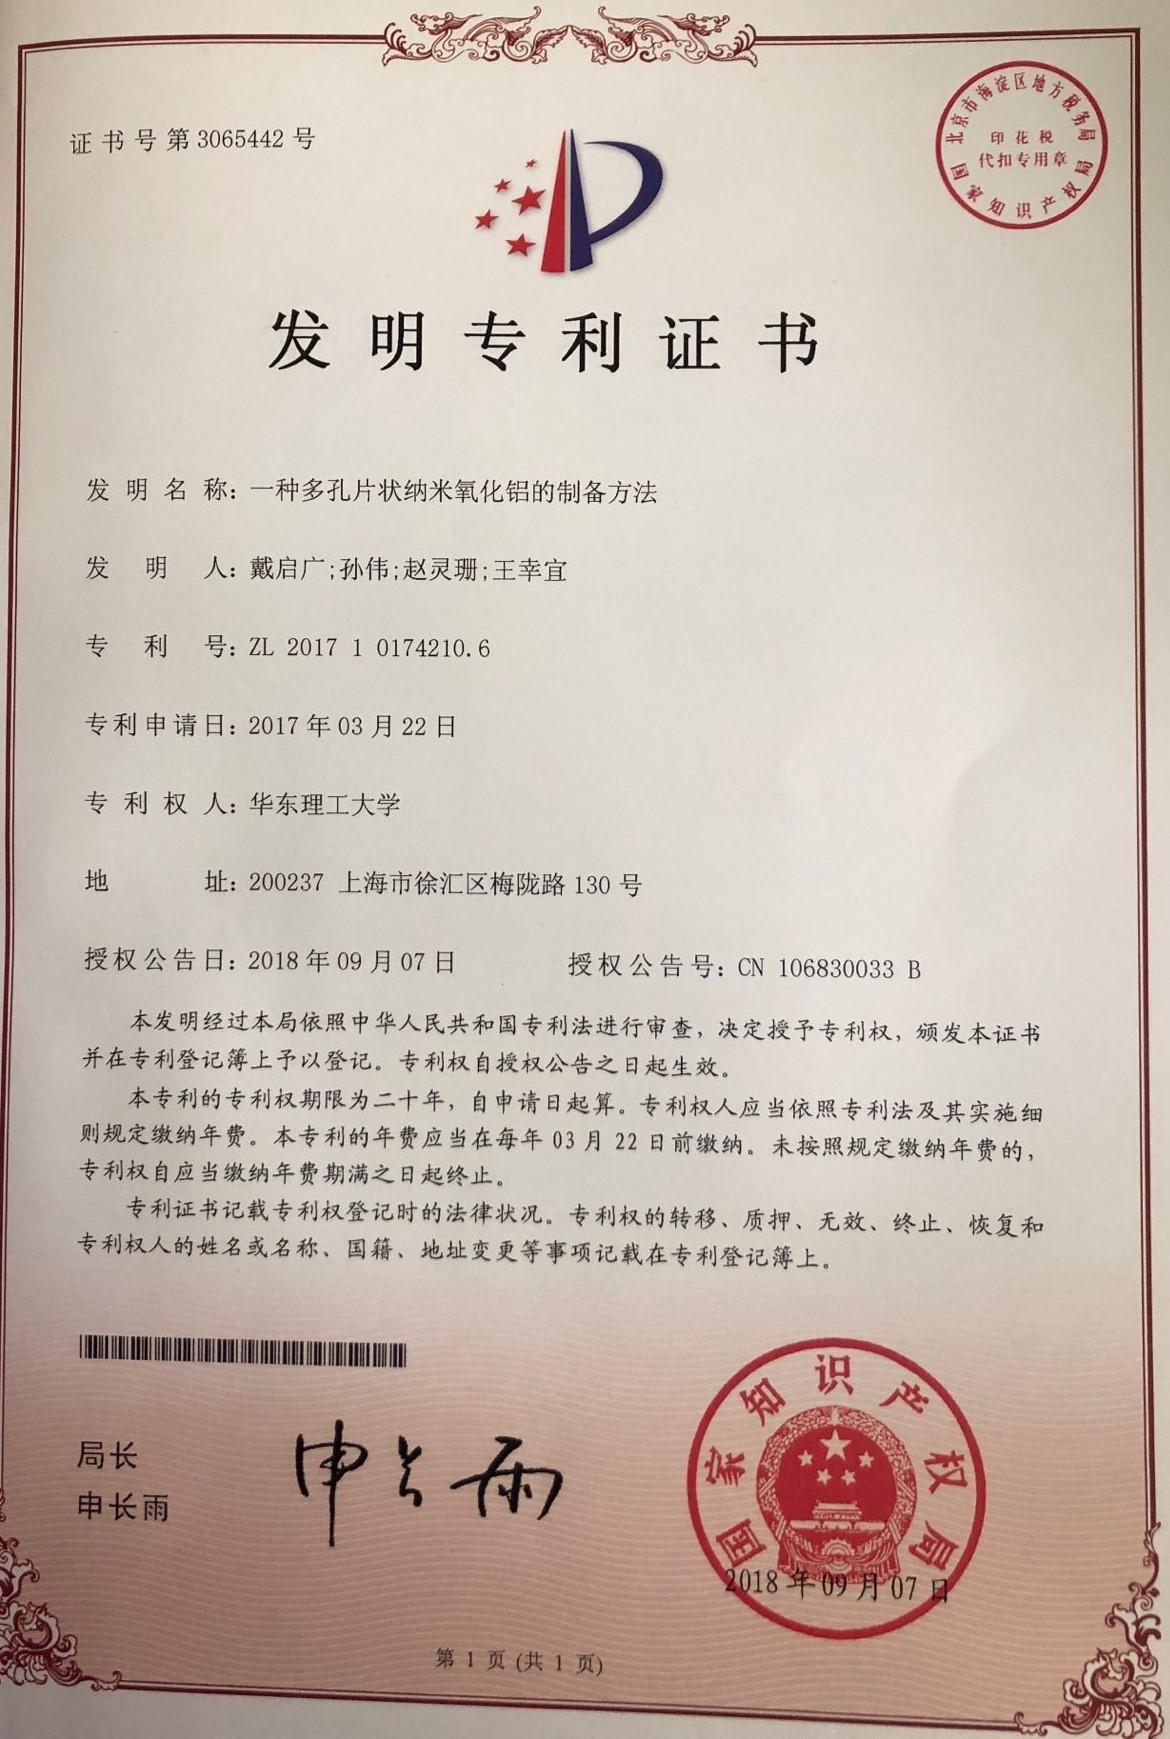 氧化铝专利2.jpg